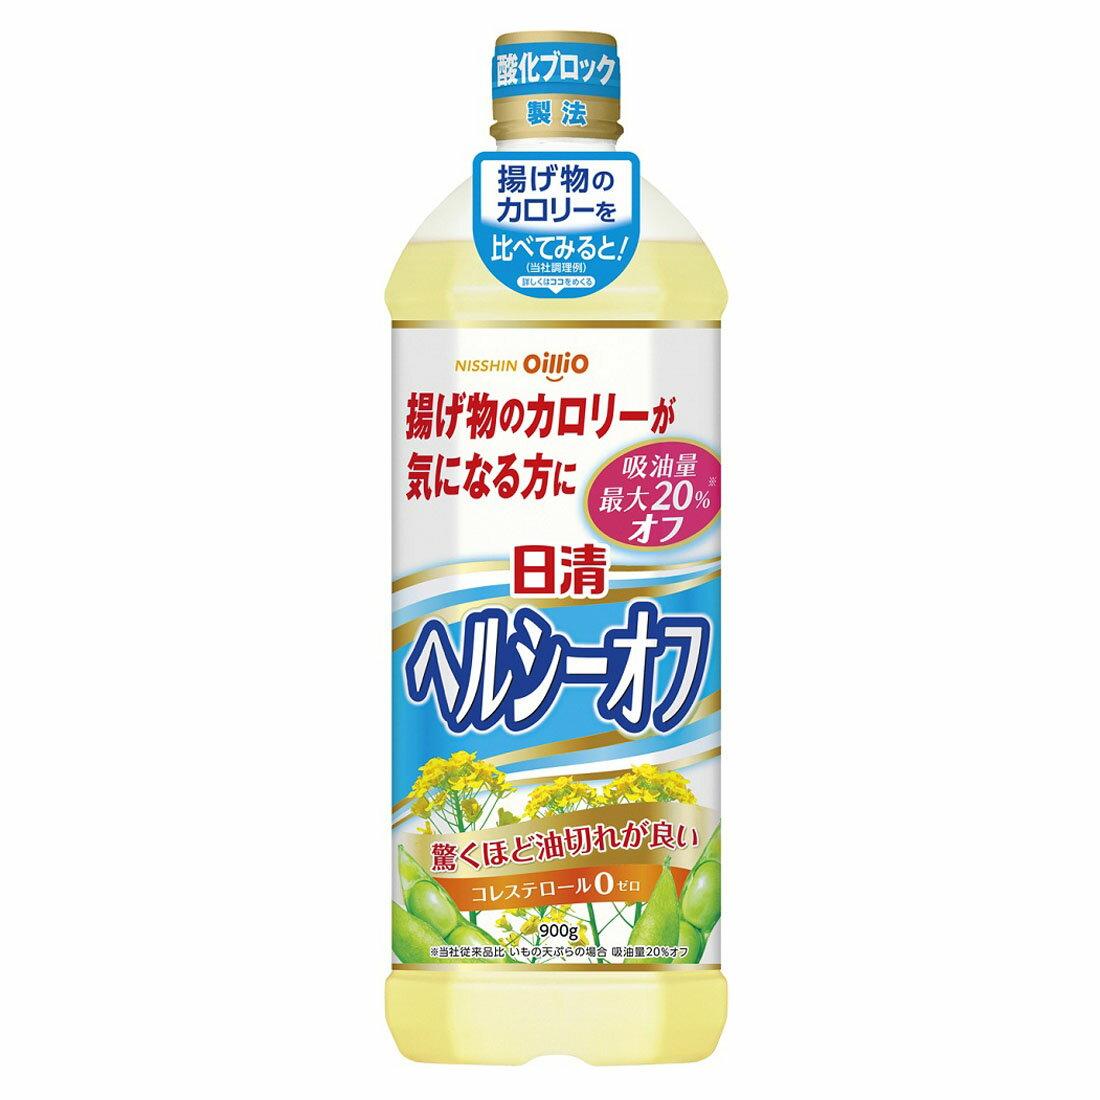 【江戶物語】【日清oillio】炸物專用油 900g 日清零膽固醇炸物油 低吸油 菜花油 業務用 日本原裝進口